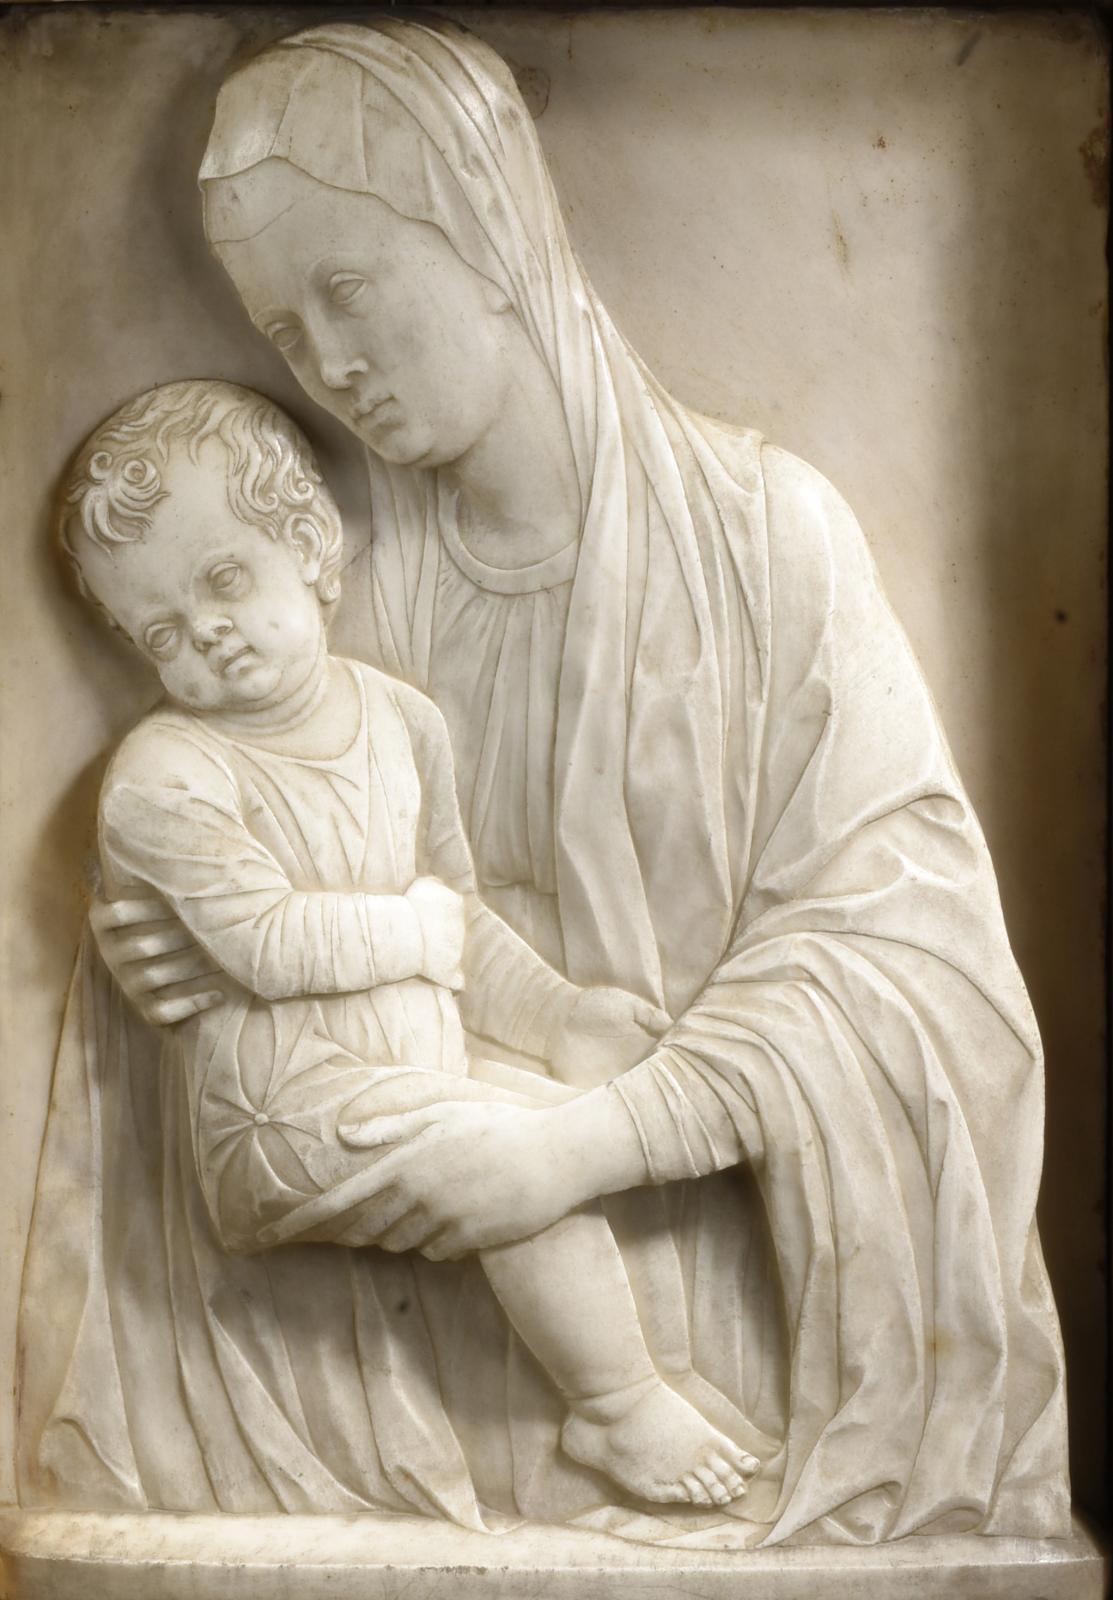 Entourage d'Antonio Rizzo (1430-1499), Vierge à l'Enfant en marbre blanc, traces de dorure, 52,5x36,8cm (hors cadre, détail reproduit). Estimation